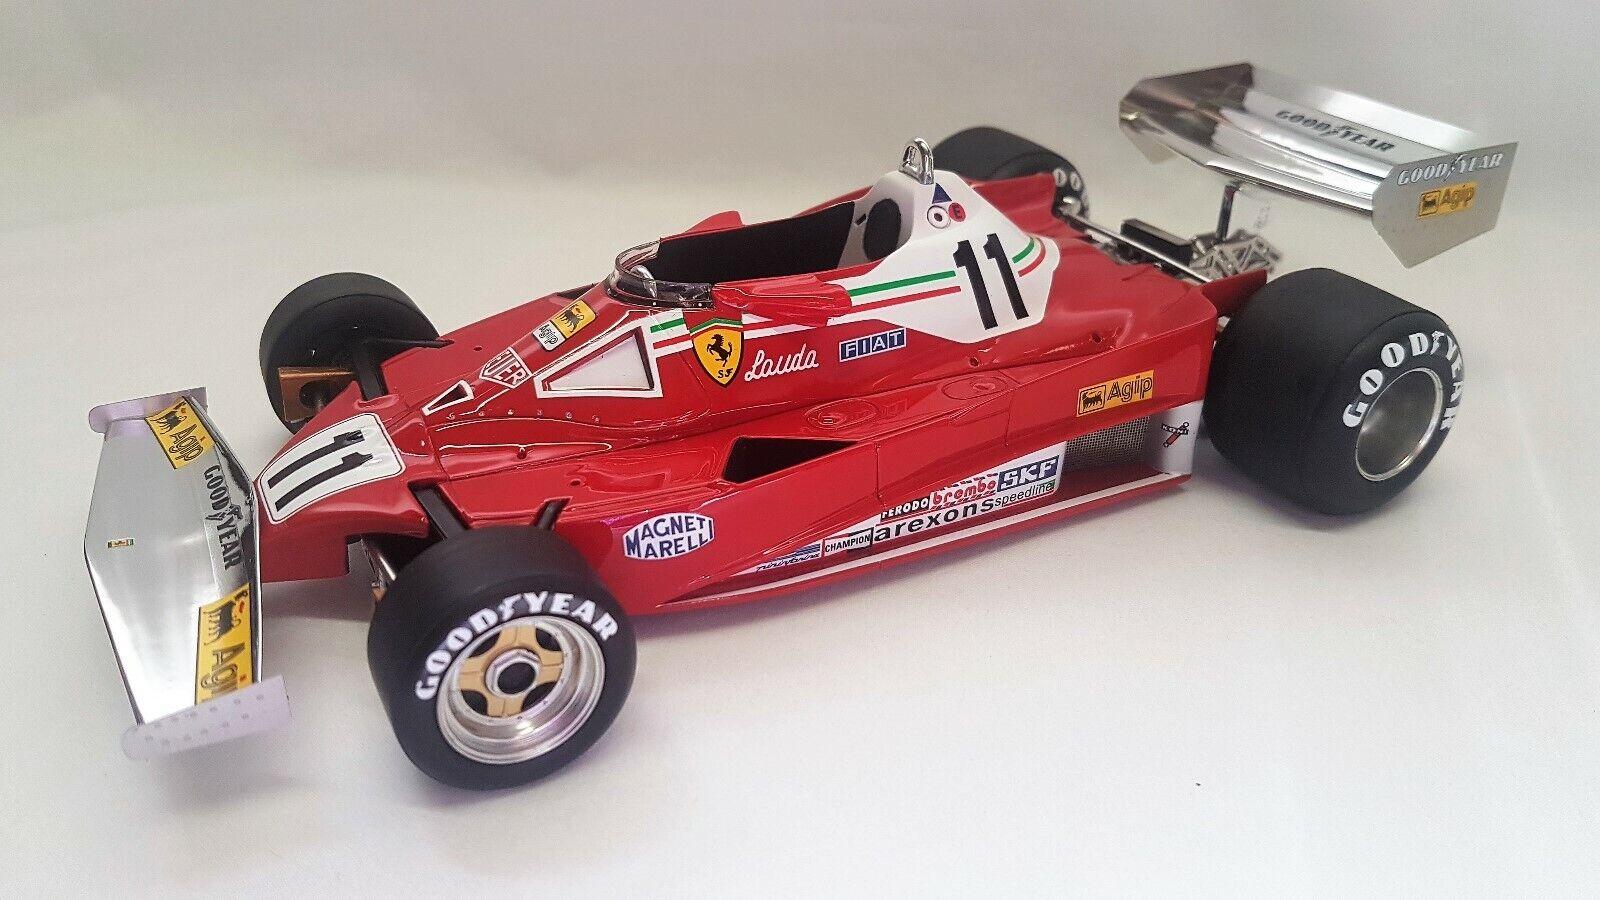 GP Replicas GP14D - Ferrari 312T2 car Niki Lauda 1977 (F1 World Champion)